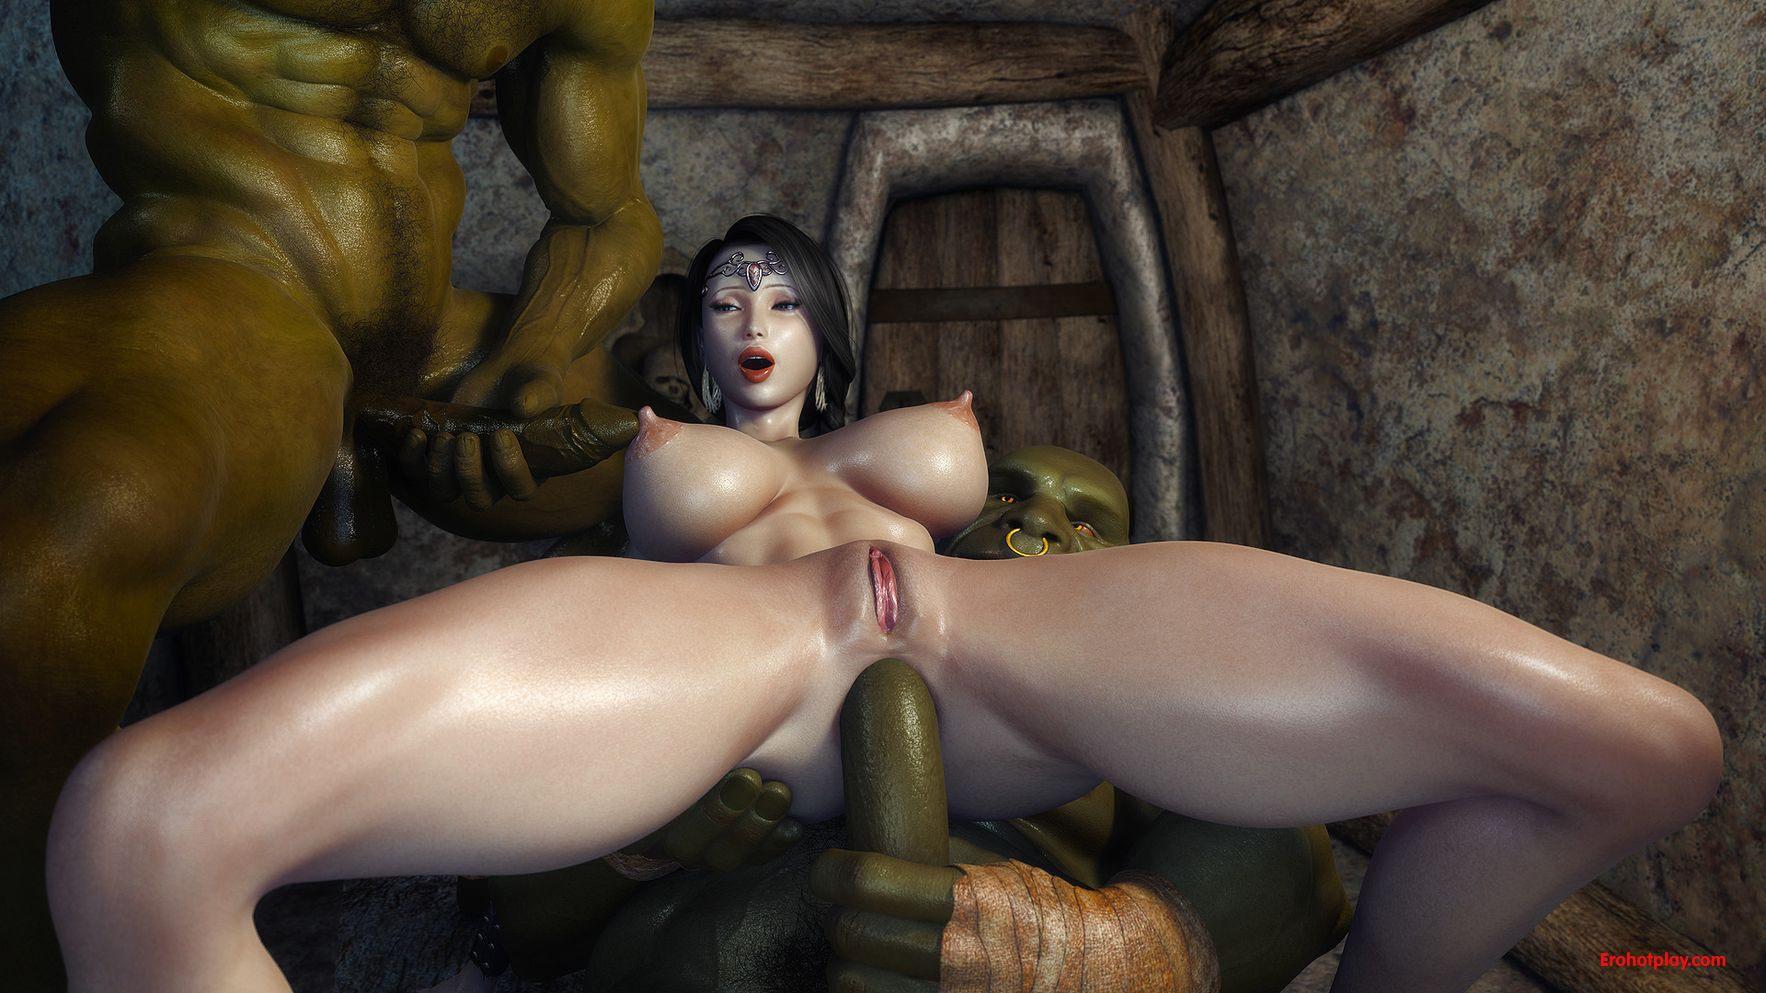 Анимацыонный секс онлайн не скачивая